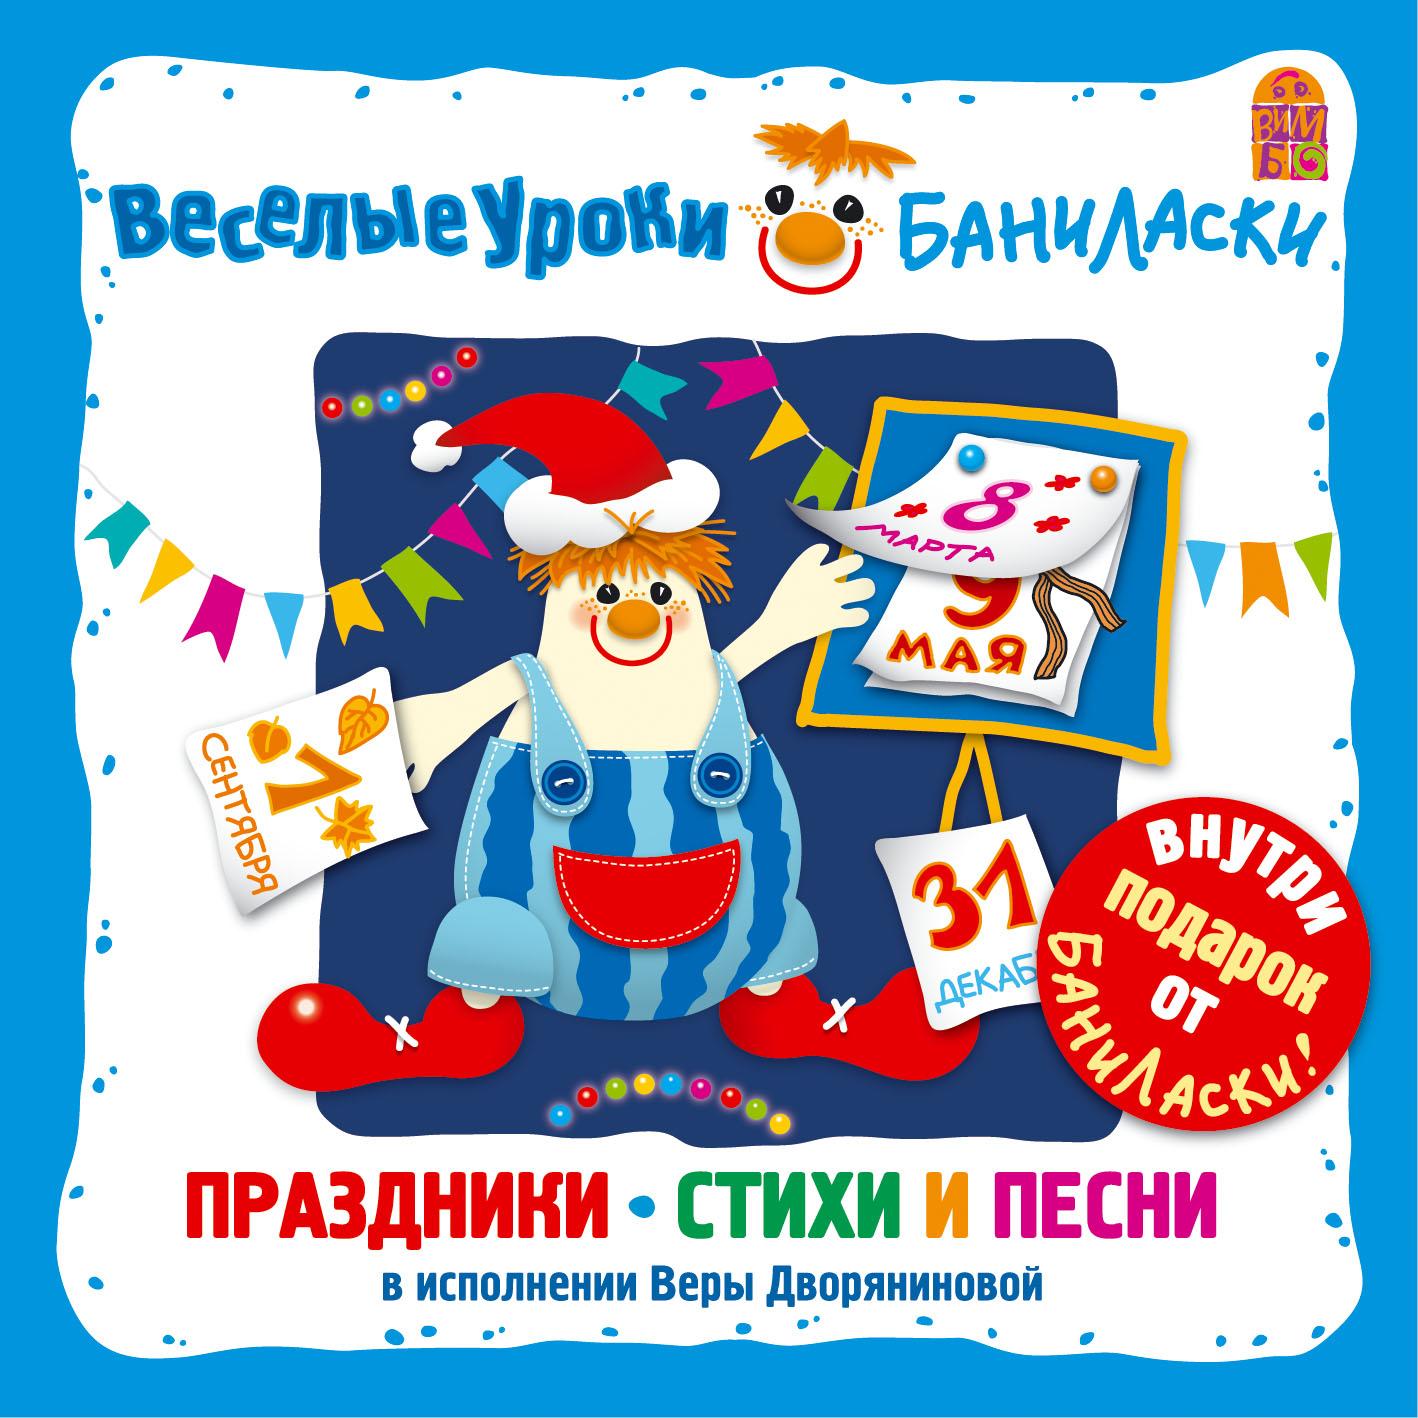 Вера Дворянинова Веселые уроки Баниласки. Праздники – стихи и песни гардян а праздники круглый год